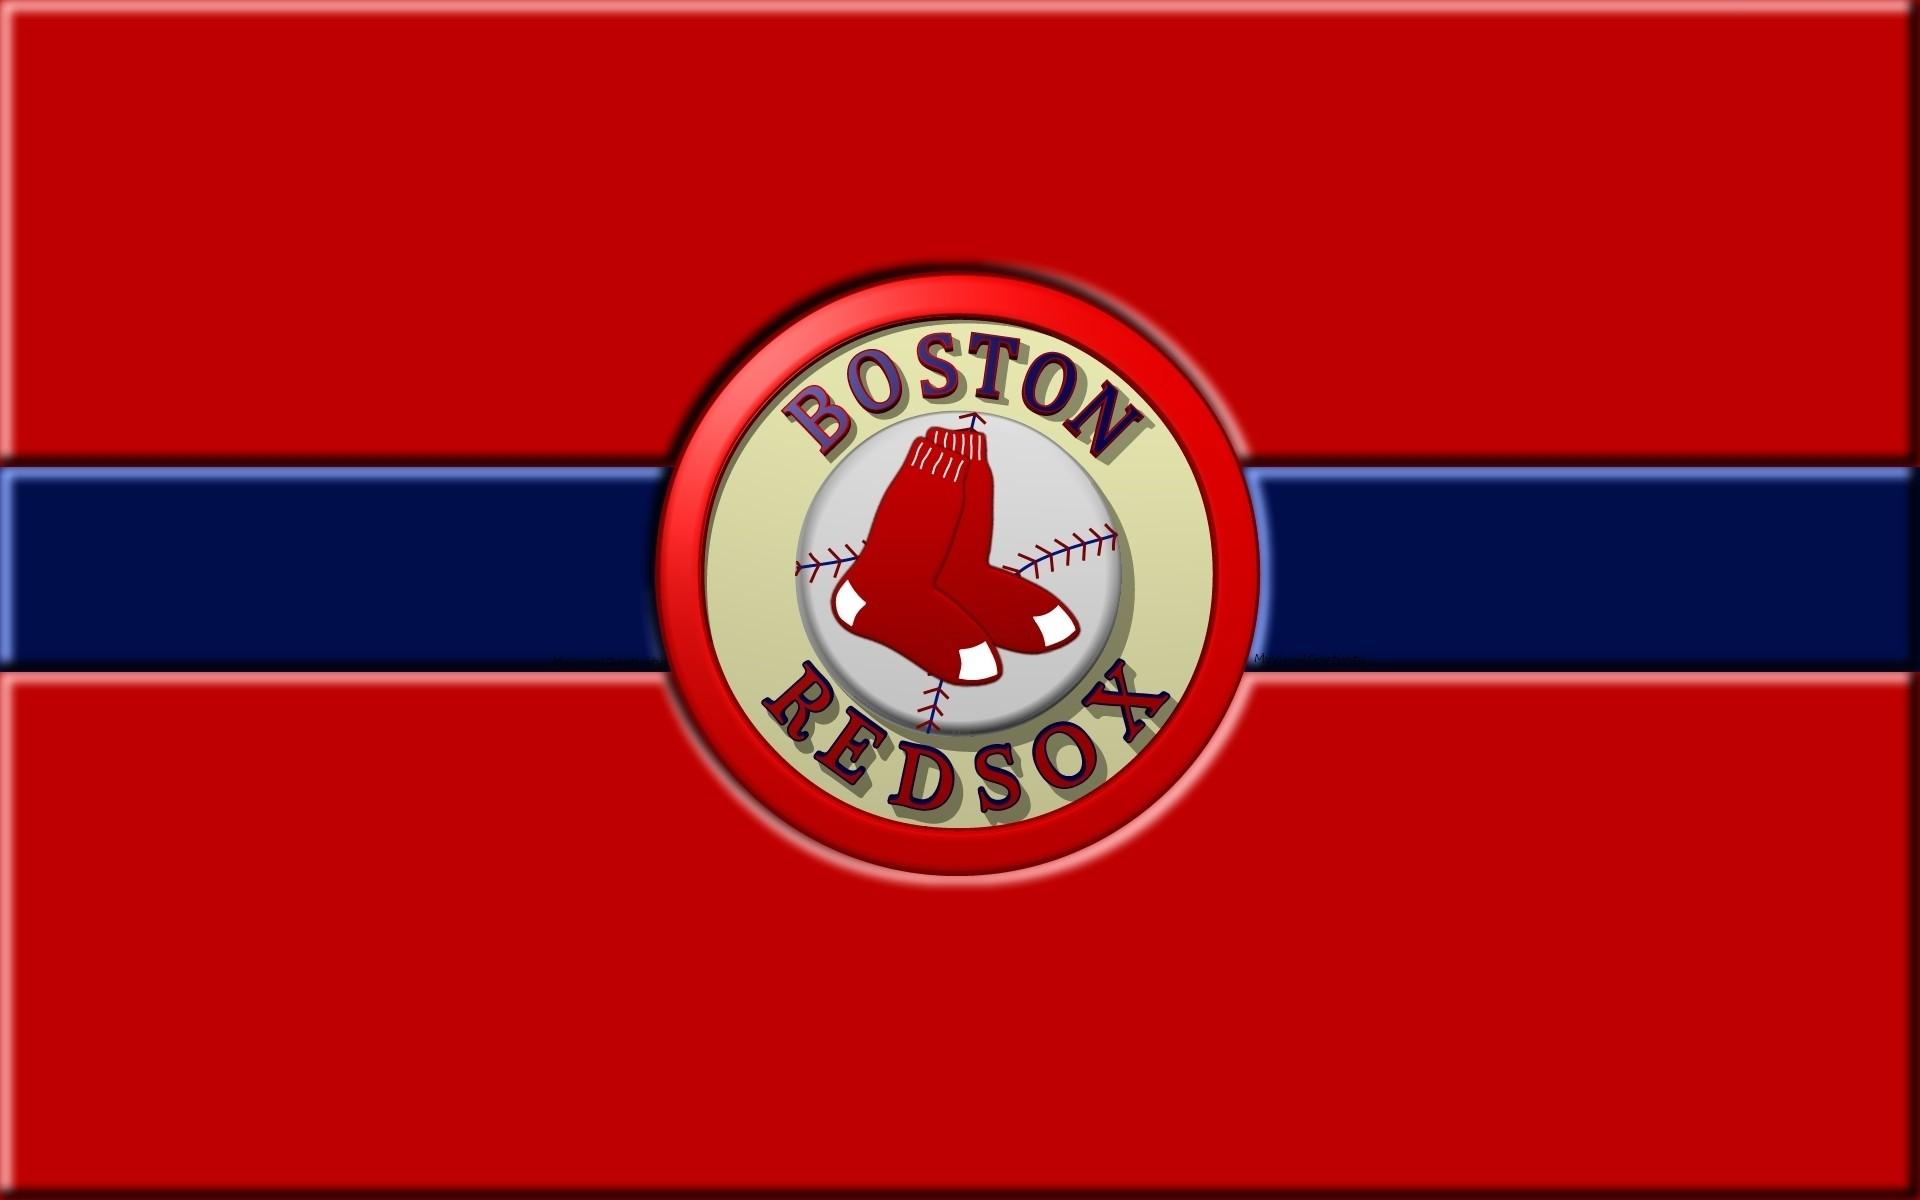 Boston Red Sox HD Wallpaper HD 4K 5K 6K 8K